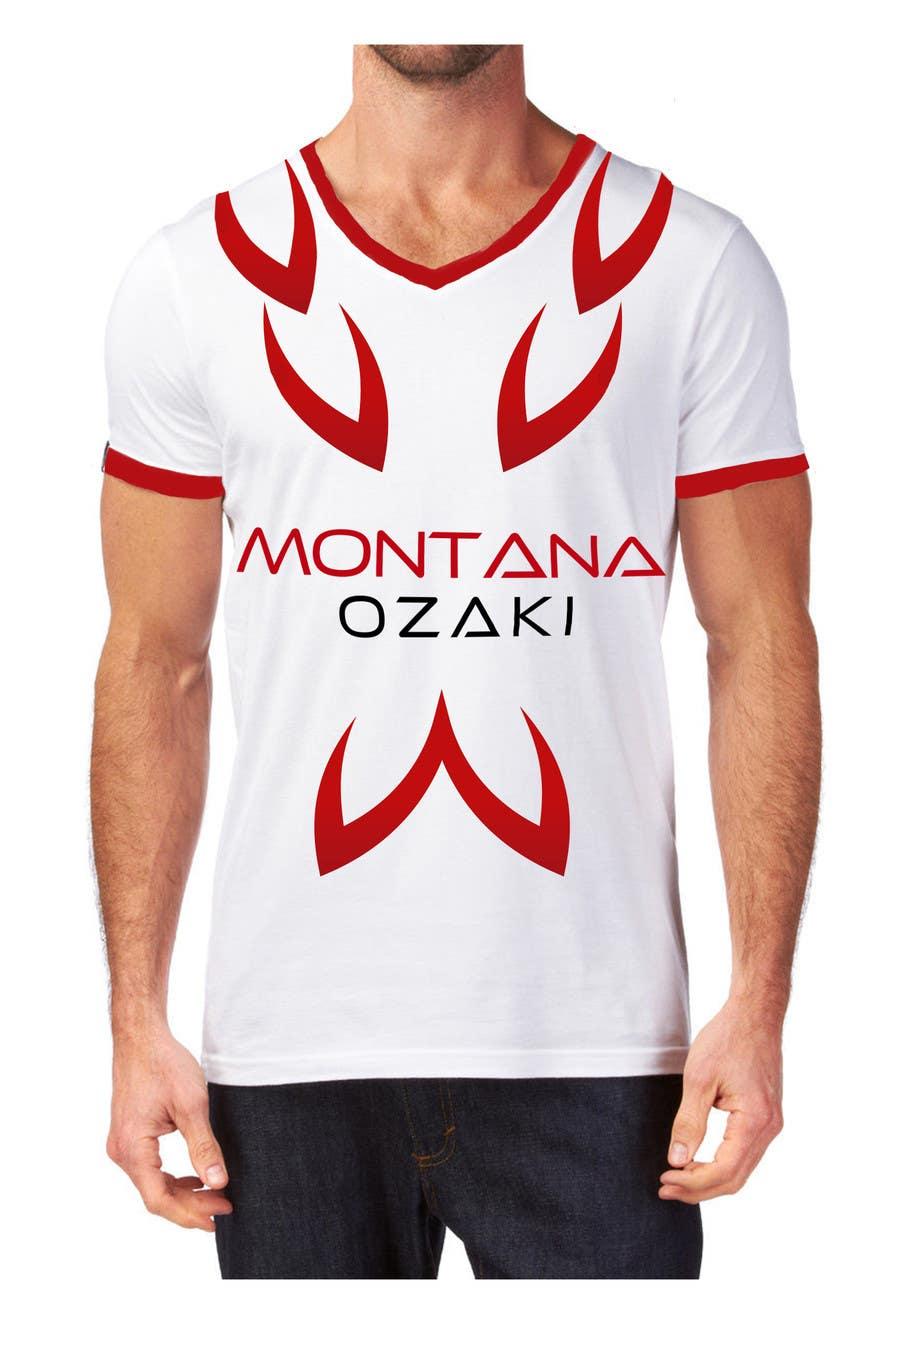 Shirt design easy - Contest Entry 11 For T Shirt Design Easy